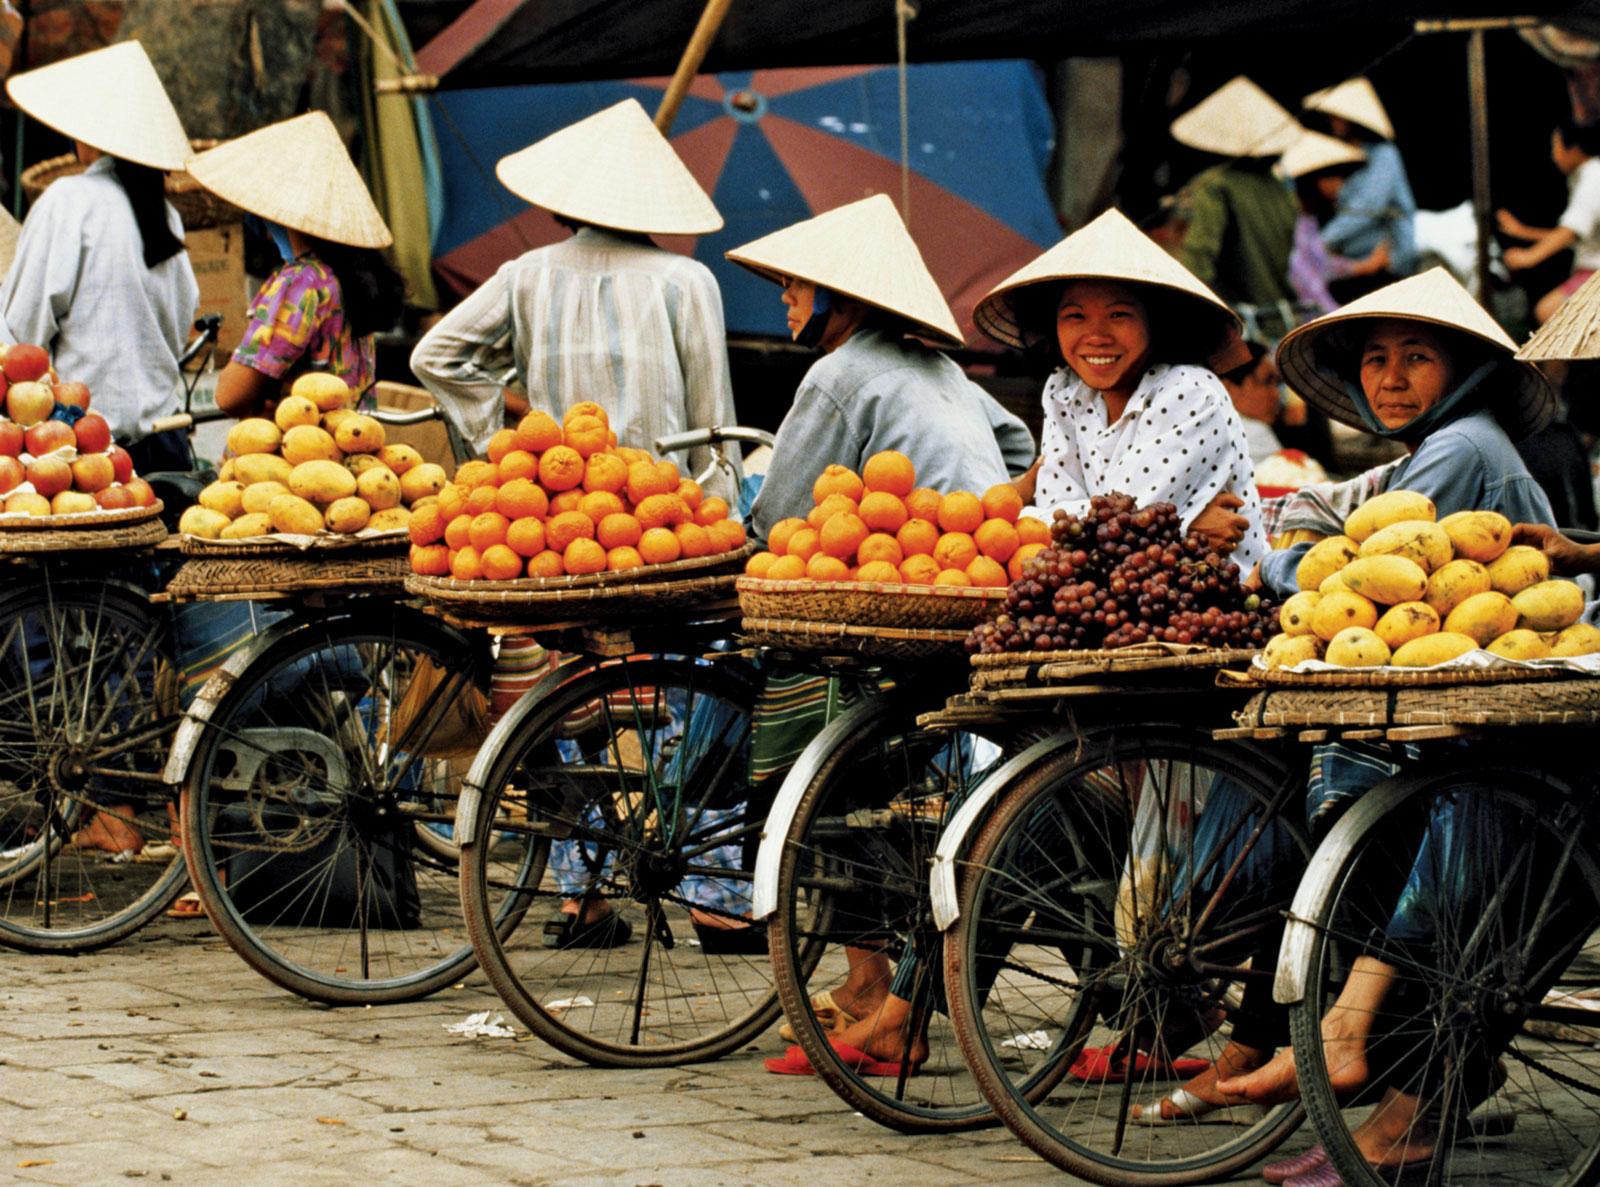 онлайн недорого!Отзывы вьетнам южный тур из владивостока купить цена том ресторане